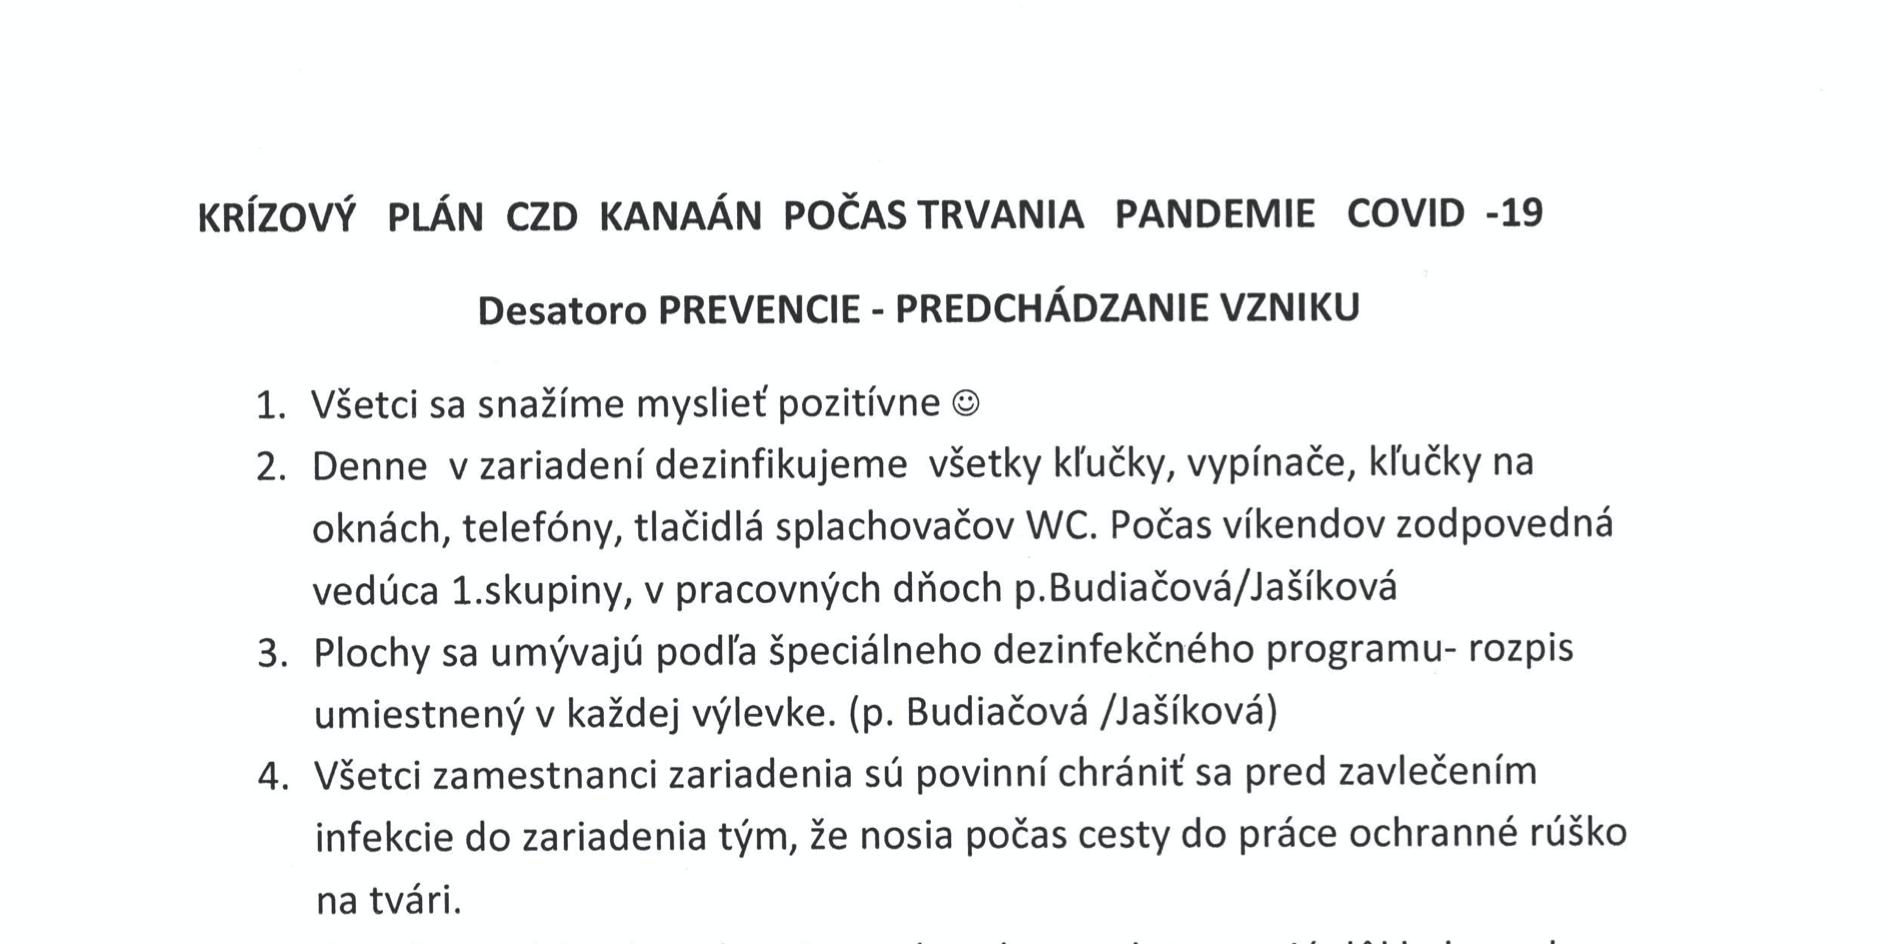 Krízový plán CZD Kanaán počas trvania pandémie COVID-19